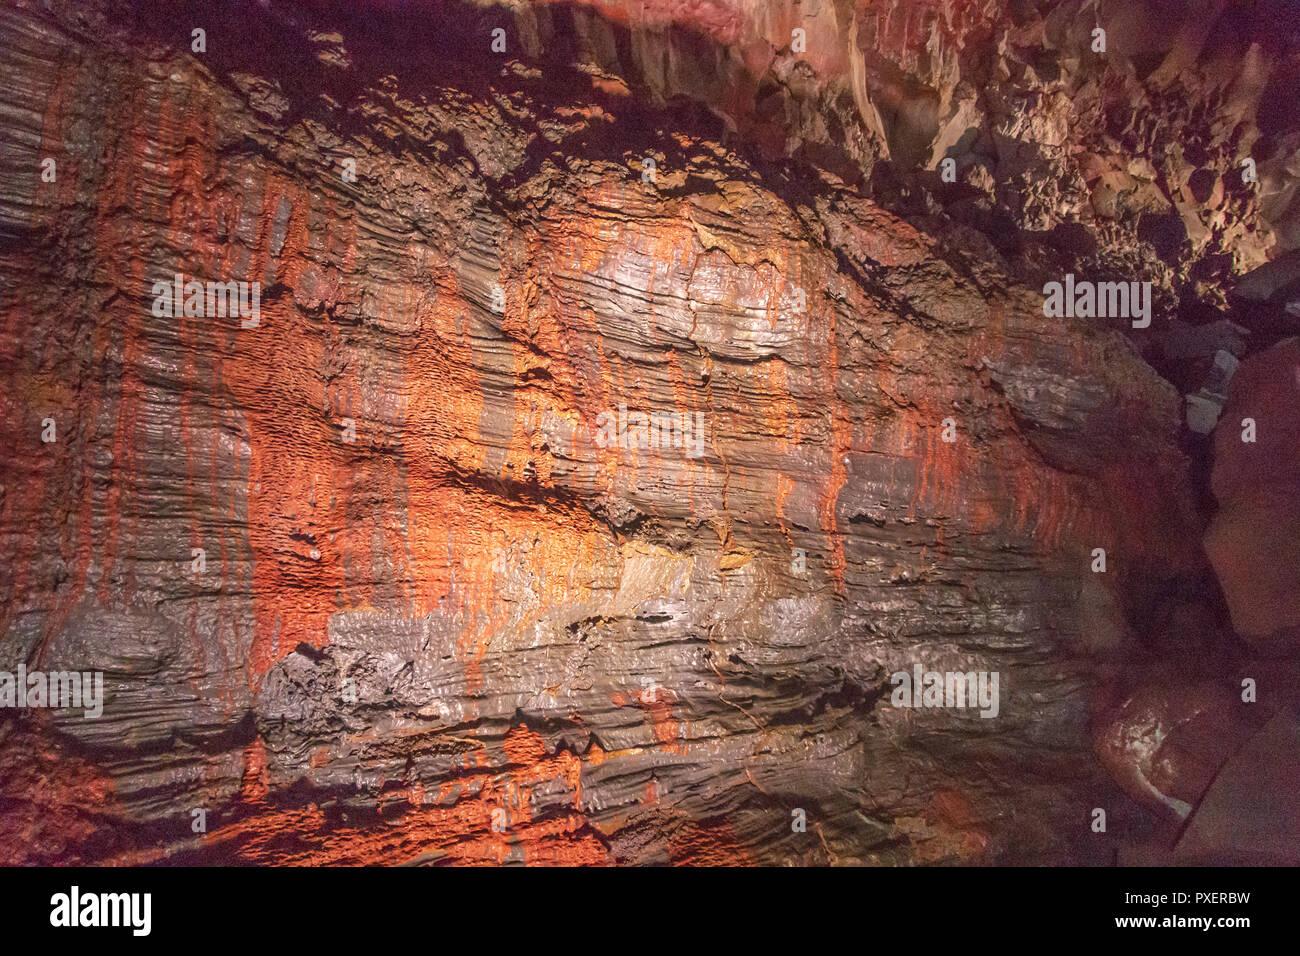 Raufarholshellir tunnel de lave et des grottes, l'un des plus long de l'Islande, formé par l'écoulement de lave qui déplacé sous la surface trempée d'une coulée Banque D'Images